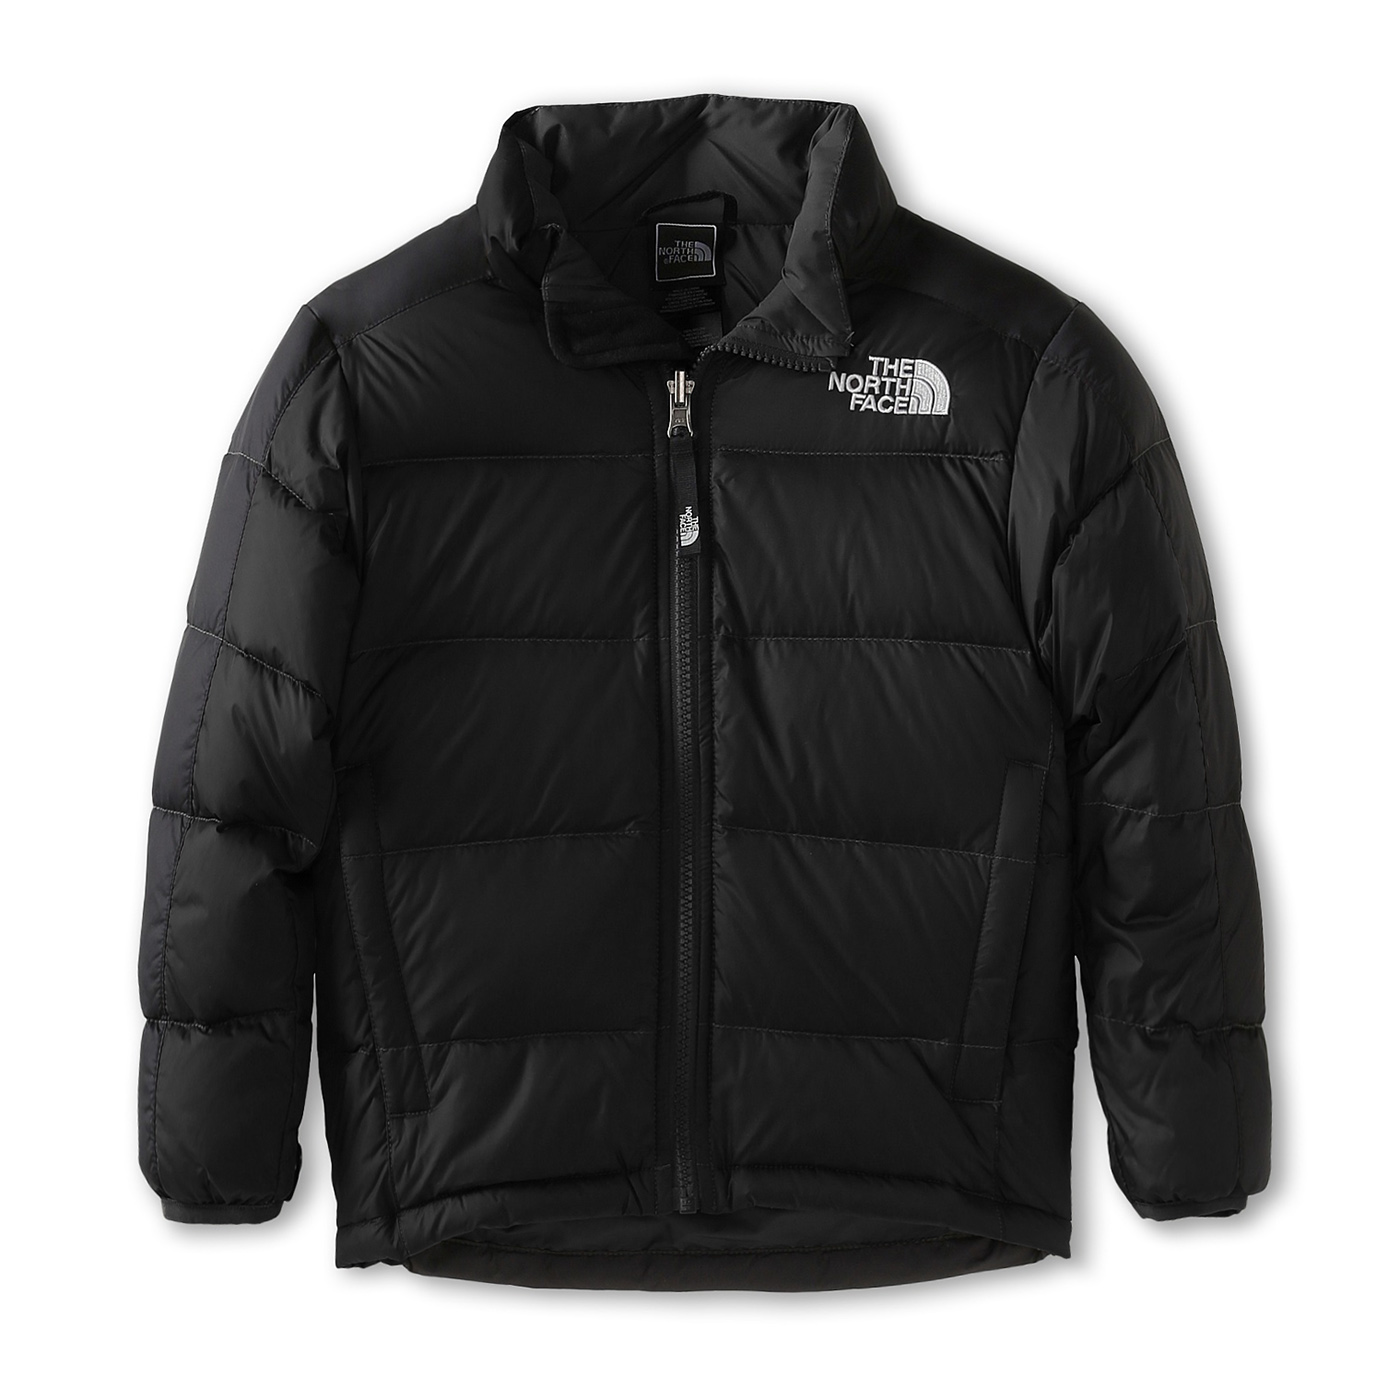 美國百分百【The North Face】外套 TNF 羽絨 夾克 立領 北臉 550 男 黑色 XS S號 G356